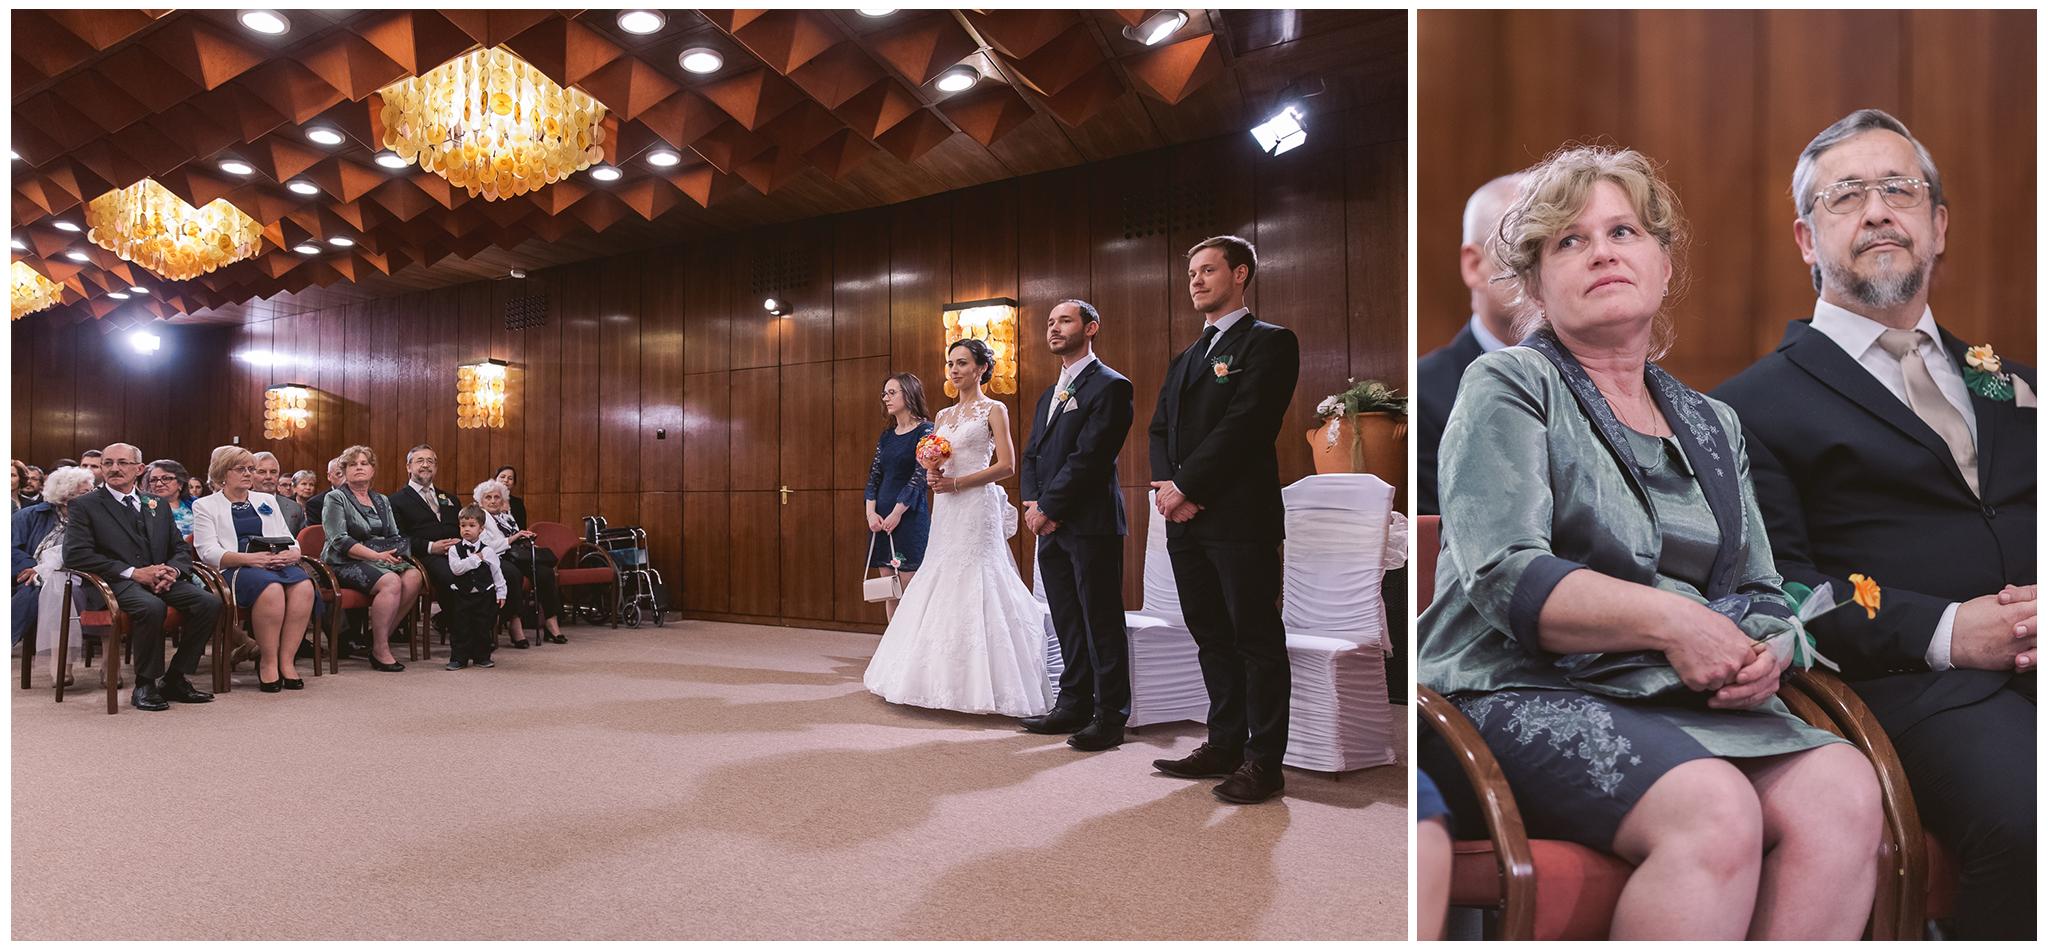 FylepPhoto, esküvőfotós, esküvői fotós Körmend, Szombathely, esküvőfotózás, magyarország, vas megye, prémium, jegyesfotózás, Fülöp Péter, körmend, kreatív, fotográfus_023.jpg